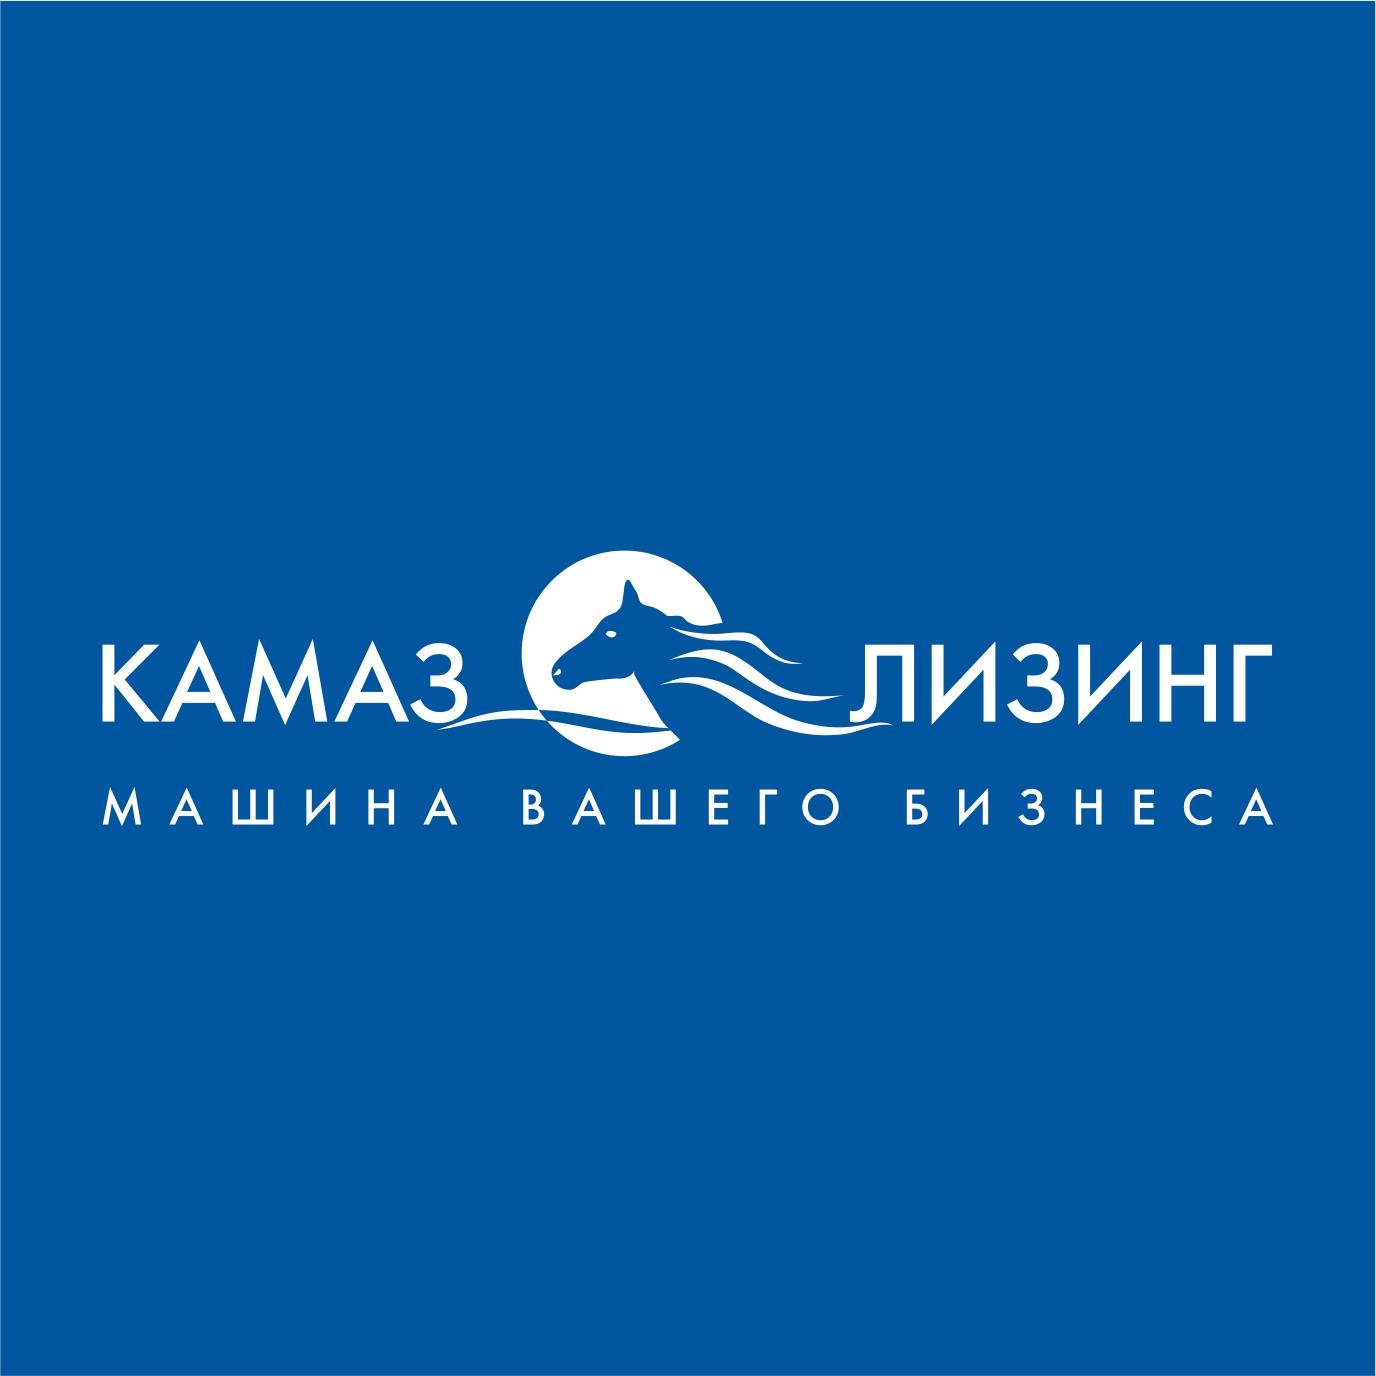 «КАМАЗ-ЛИЗИНГ» расширяет сотрудничество